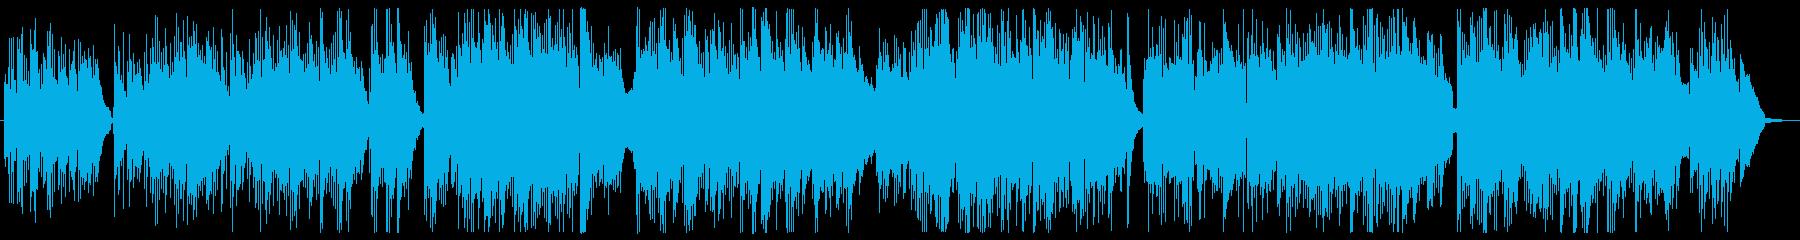 ギターとピアノの静かなバラードの再生済みの波形